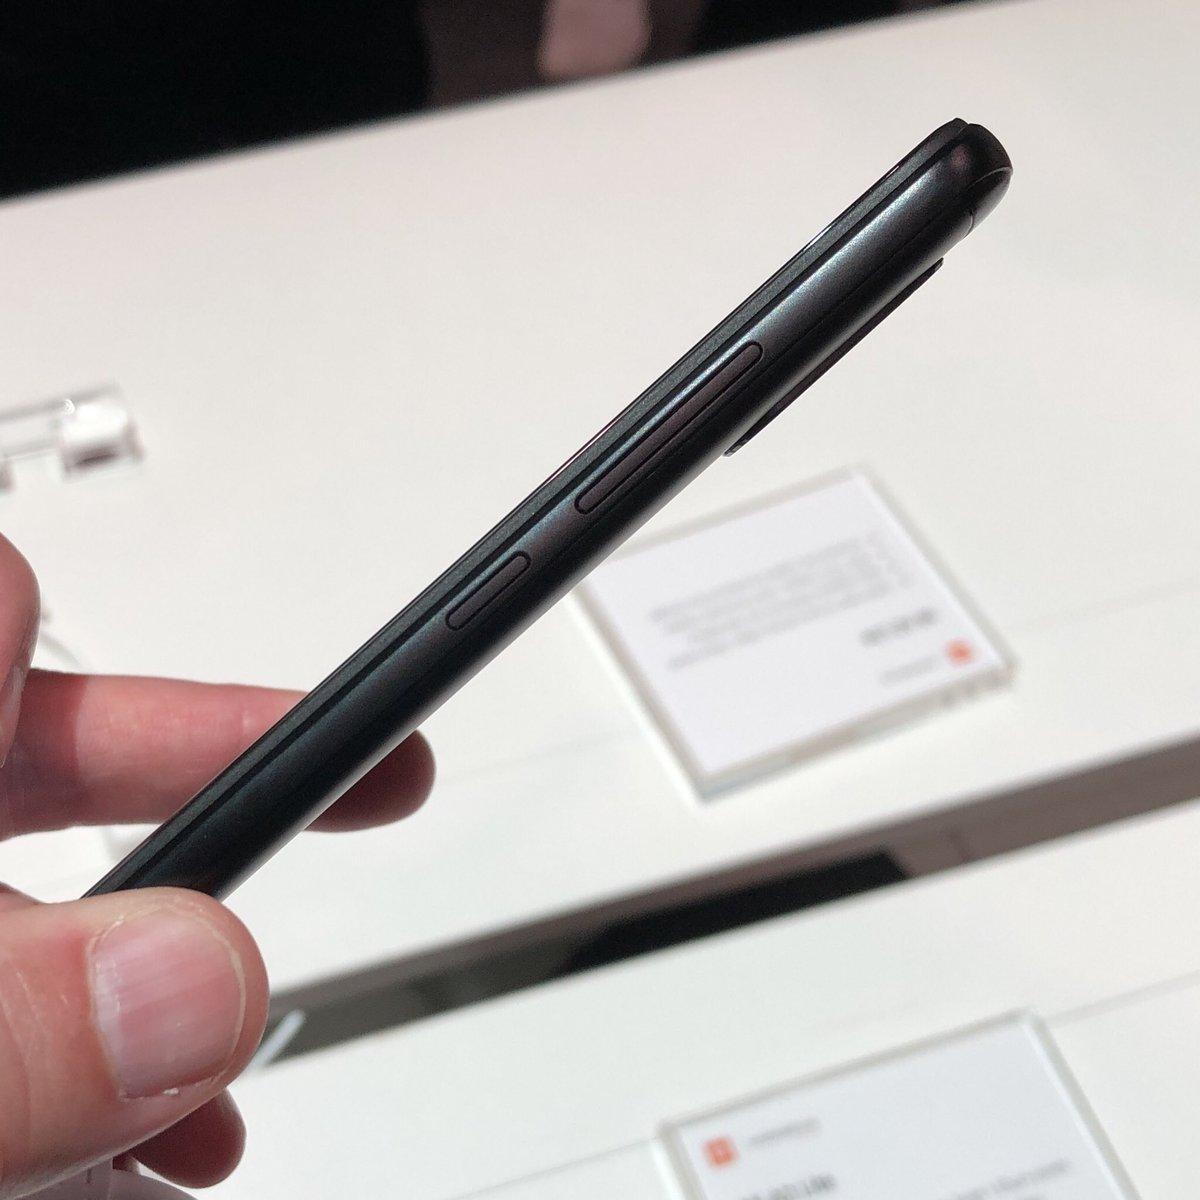 جوال Xiaomi Mi A2 Lite المميز ببطارية ضخمة ومشروع يعمل بخدمة جوجل الرائعة